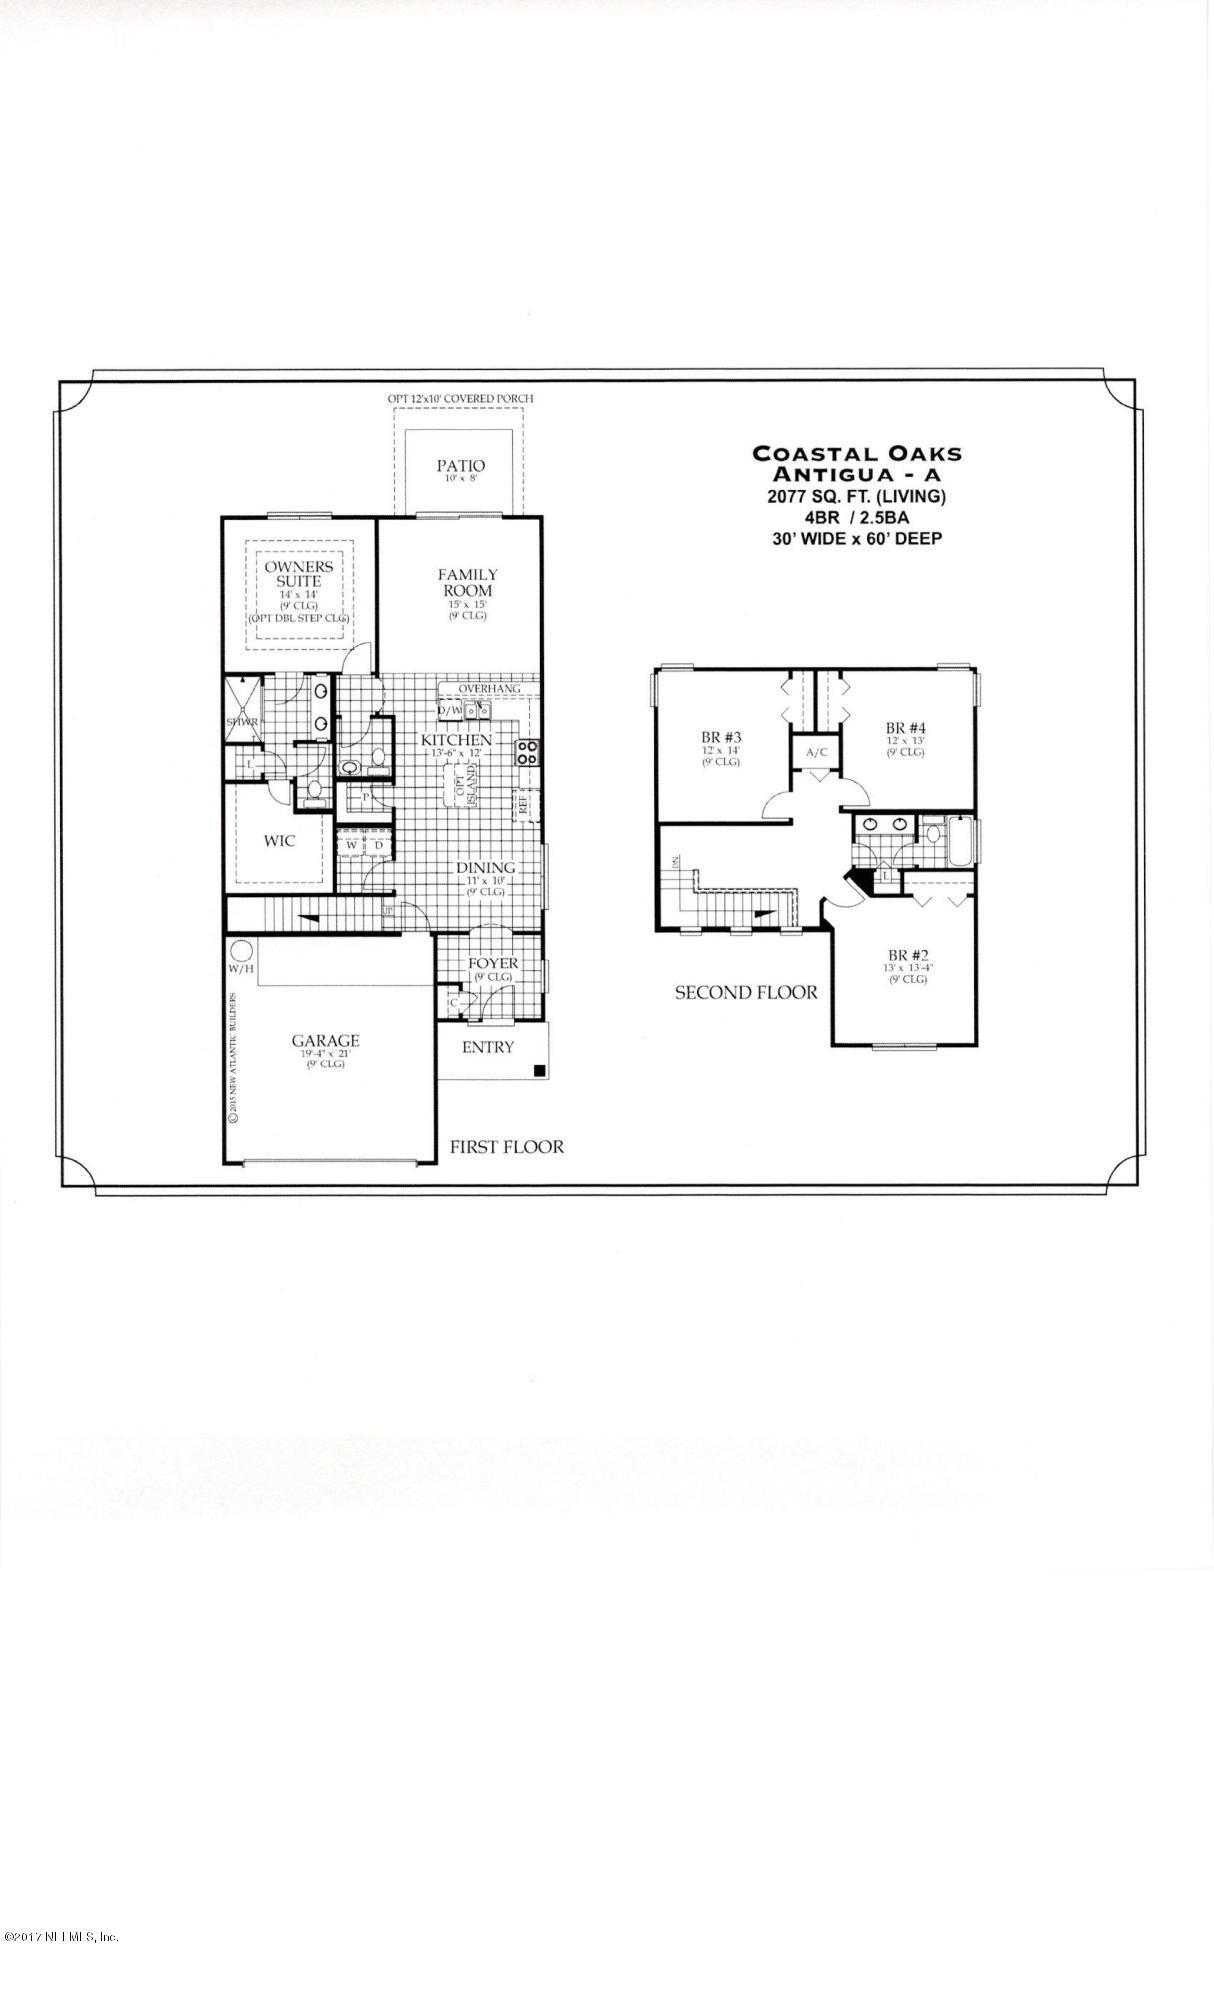 2300 FAIRWAY VILLAS, JACKSONVILLE, FLORIDA 32233, 4 Bedrooms Bedrooms, ,2 BathroomsBathrooms,Residential - single family,For sale,FAIRWAY VILLAS,986869